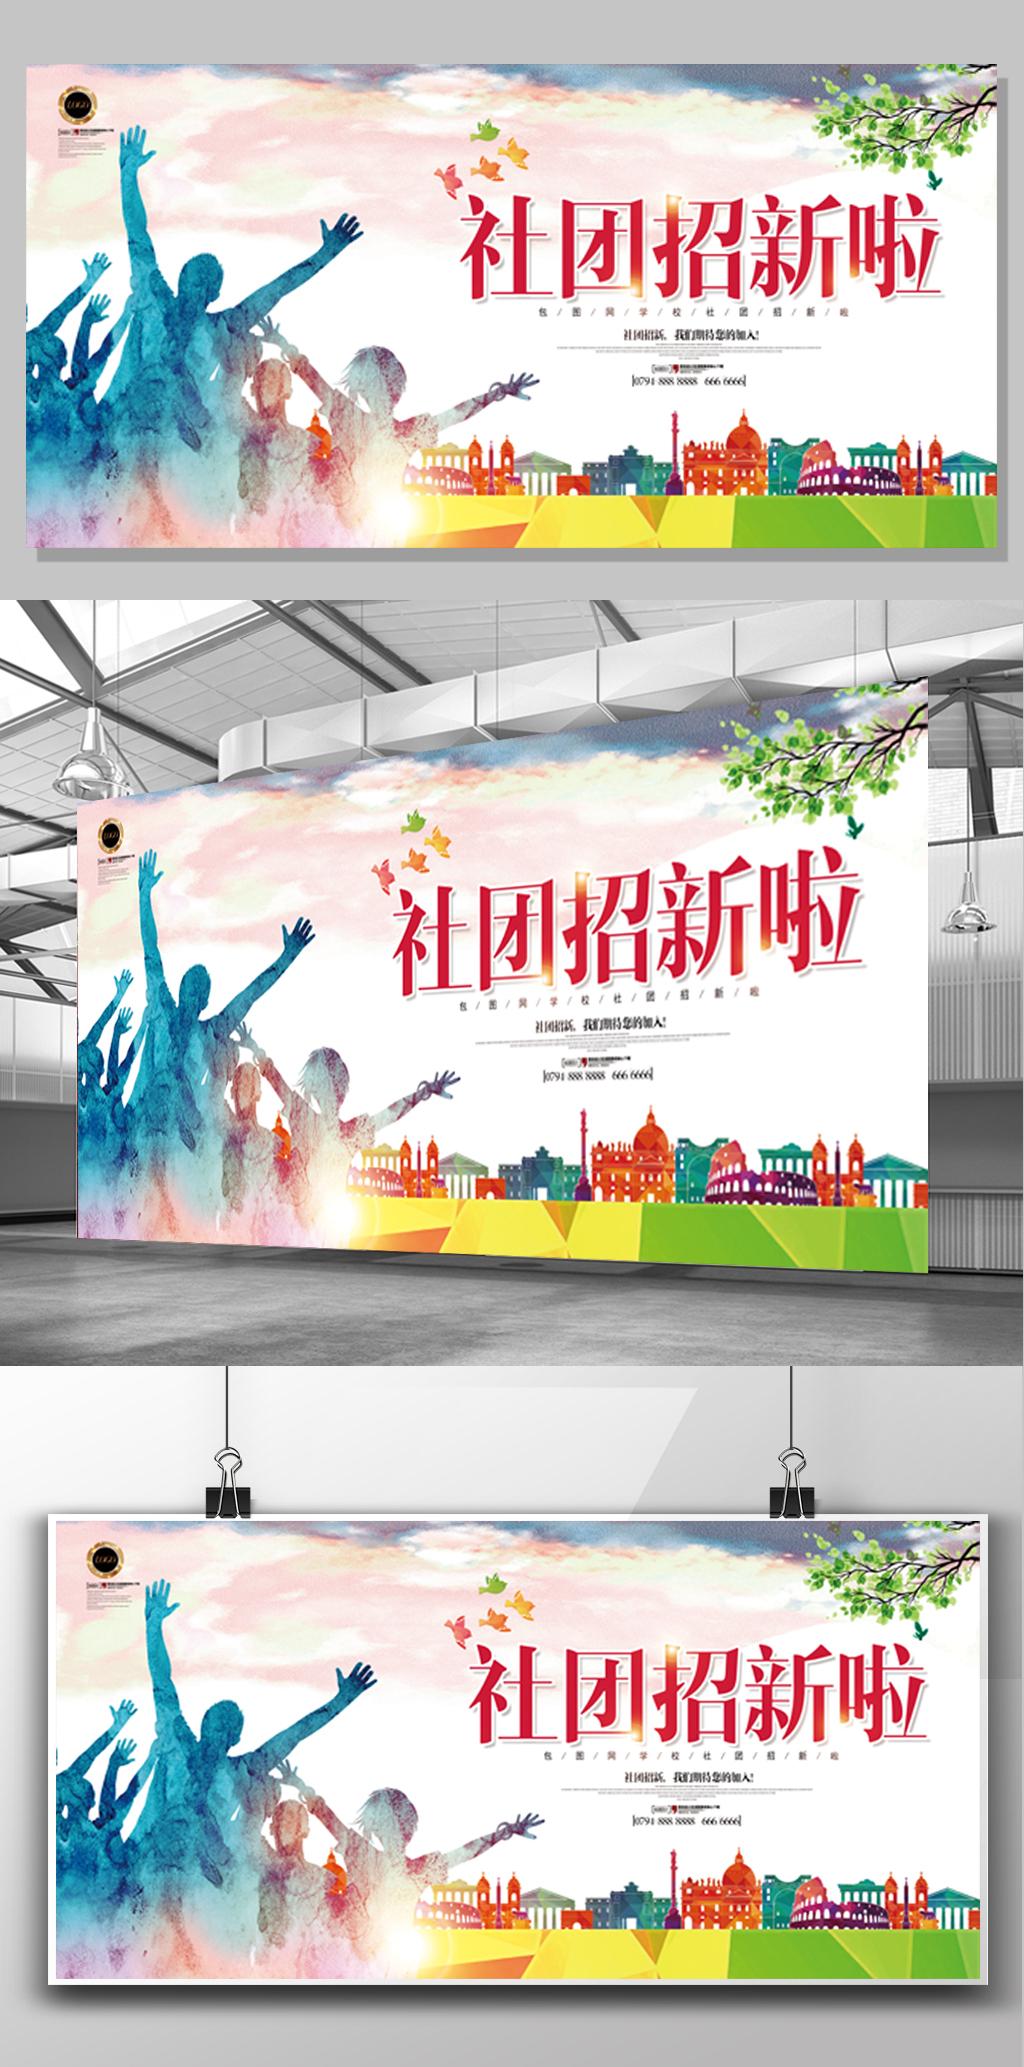 校园社团招新展板设计模板图片素材 其他格式 下载 招聘海报大全 海报设计